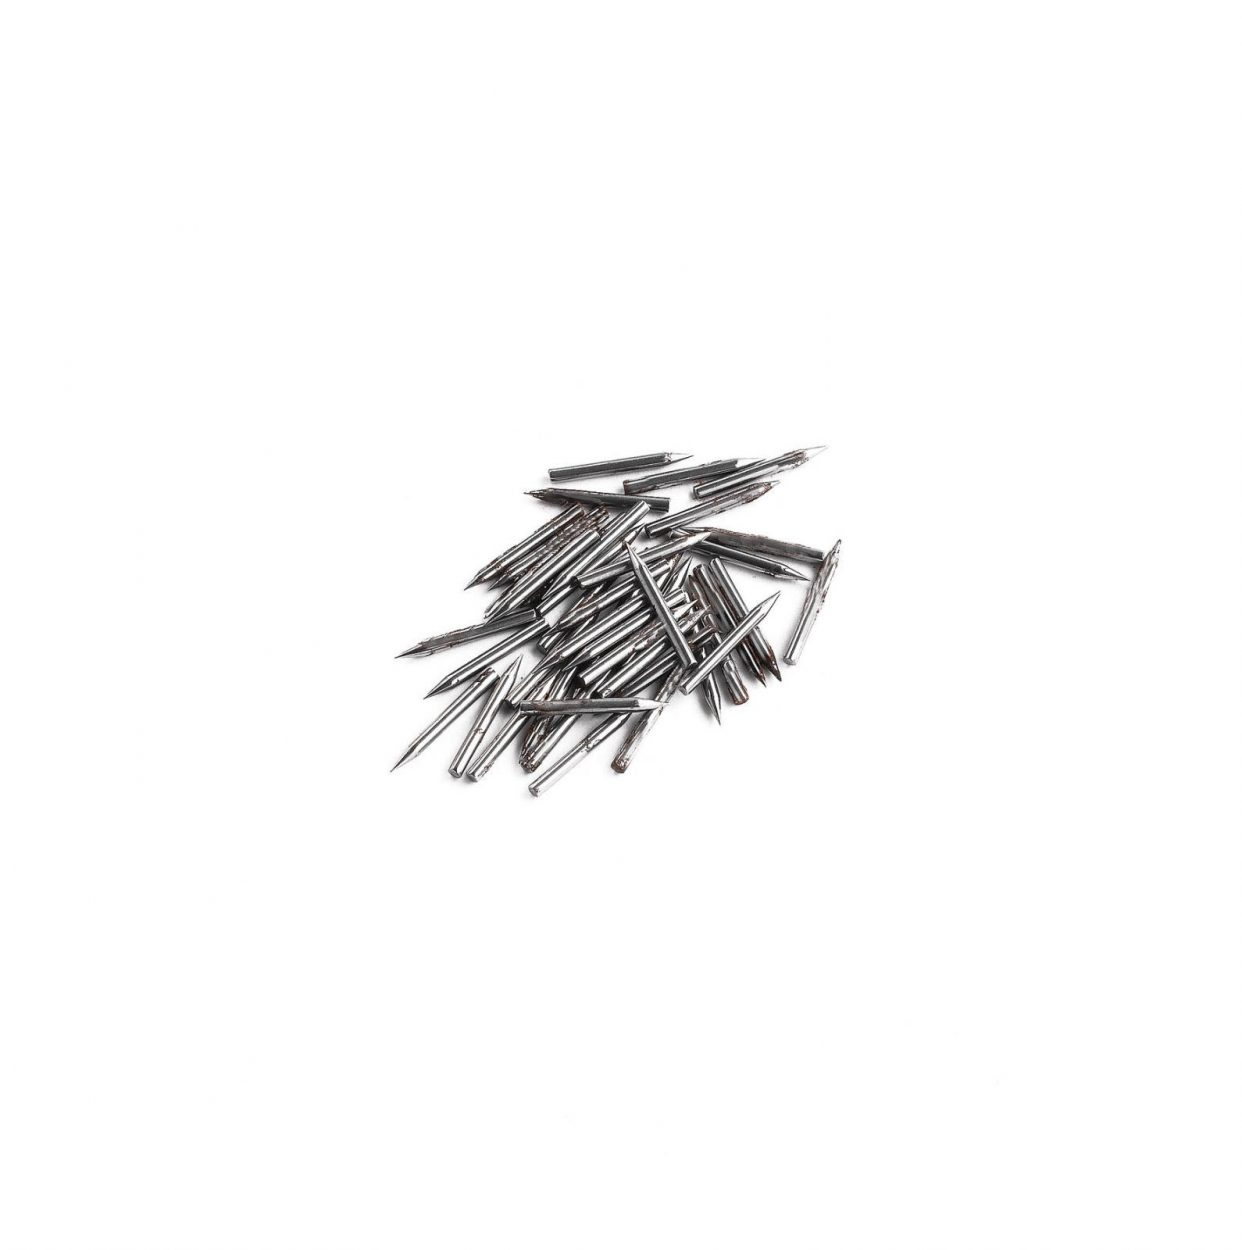 Crain 128 Outside Corner Scriber Needles